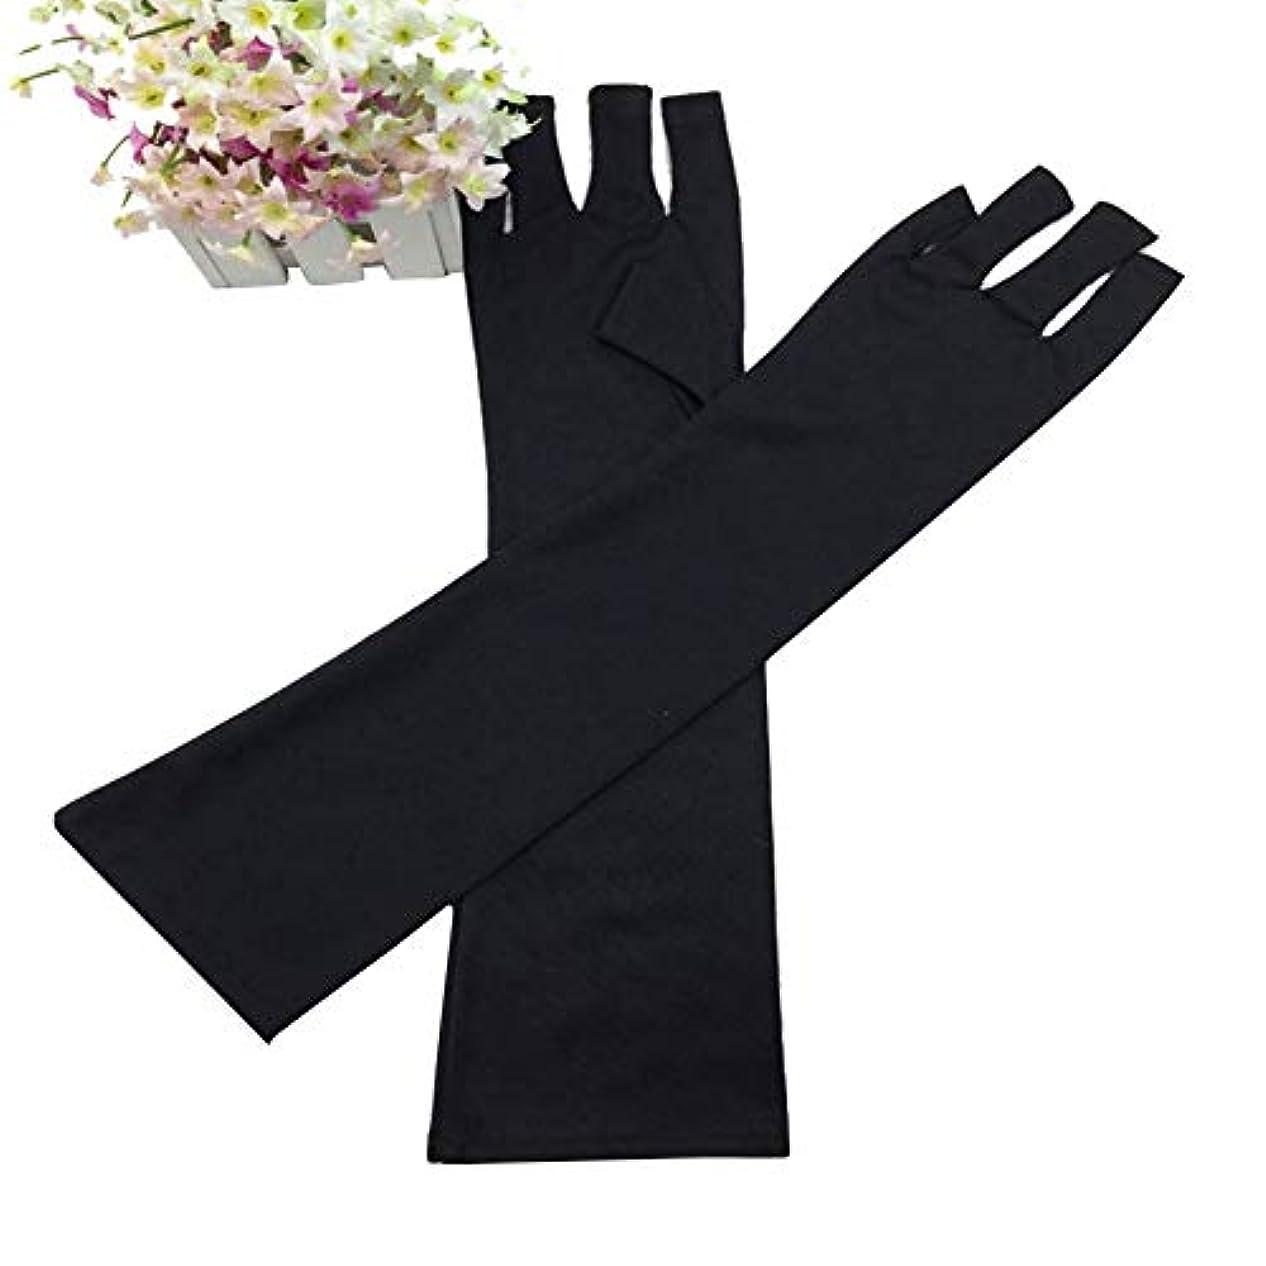 令状深さ成功slQinjiansavネイルアート&ツール手袋UV光ランプ放射線保護手袋ハンドレストマニキュアネイルアートツール - ブラック